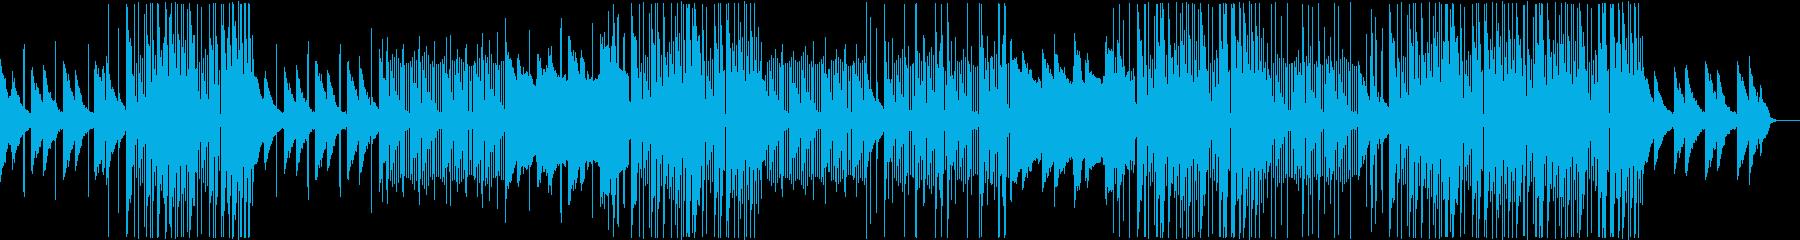 洋楽R&BポップBGMの再生済みの波形